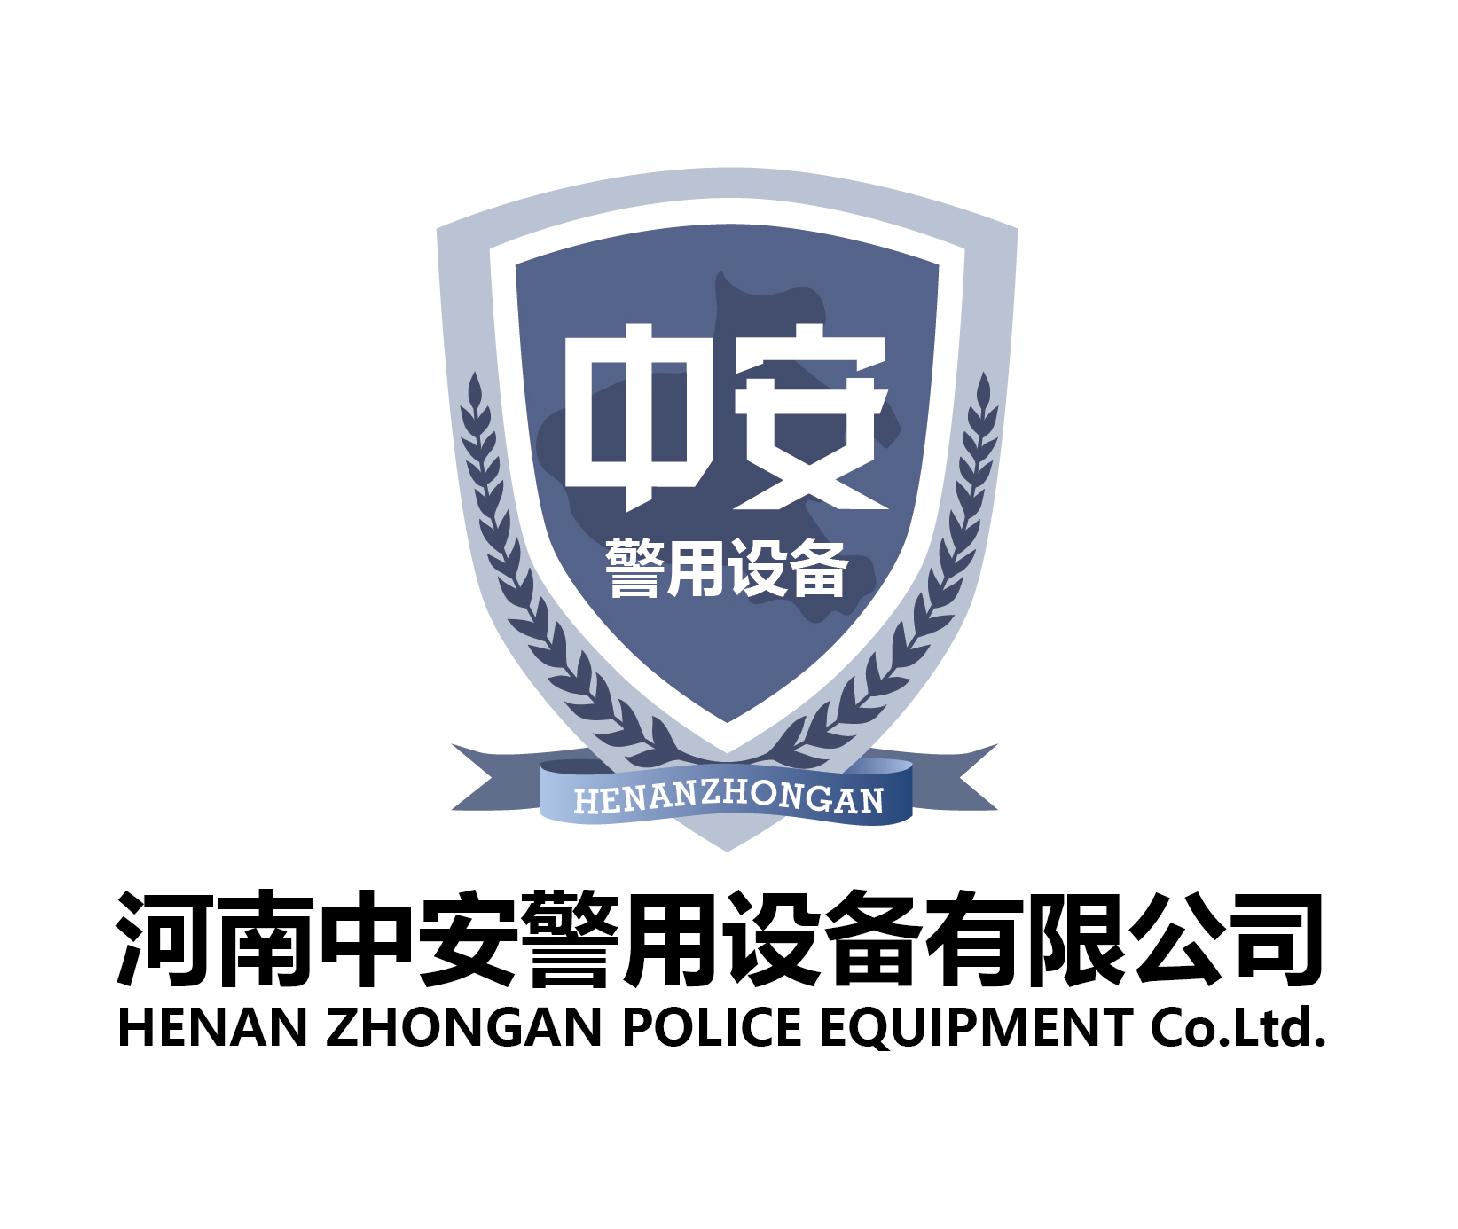 中安警用设备有限公司logo